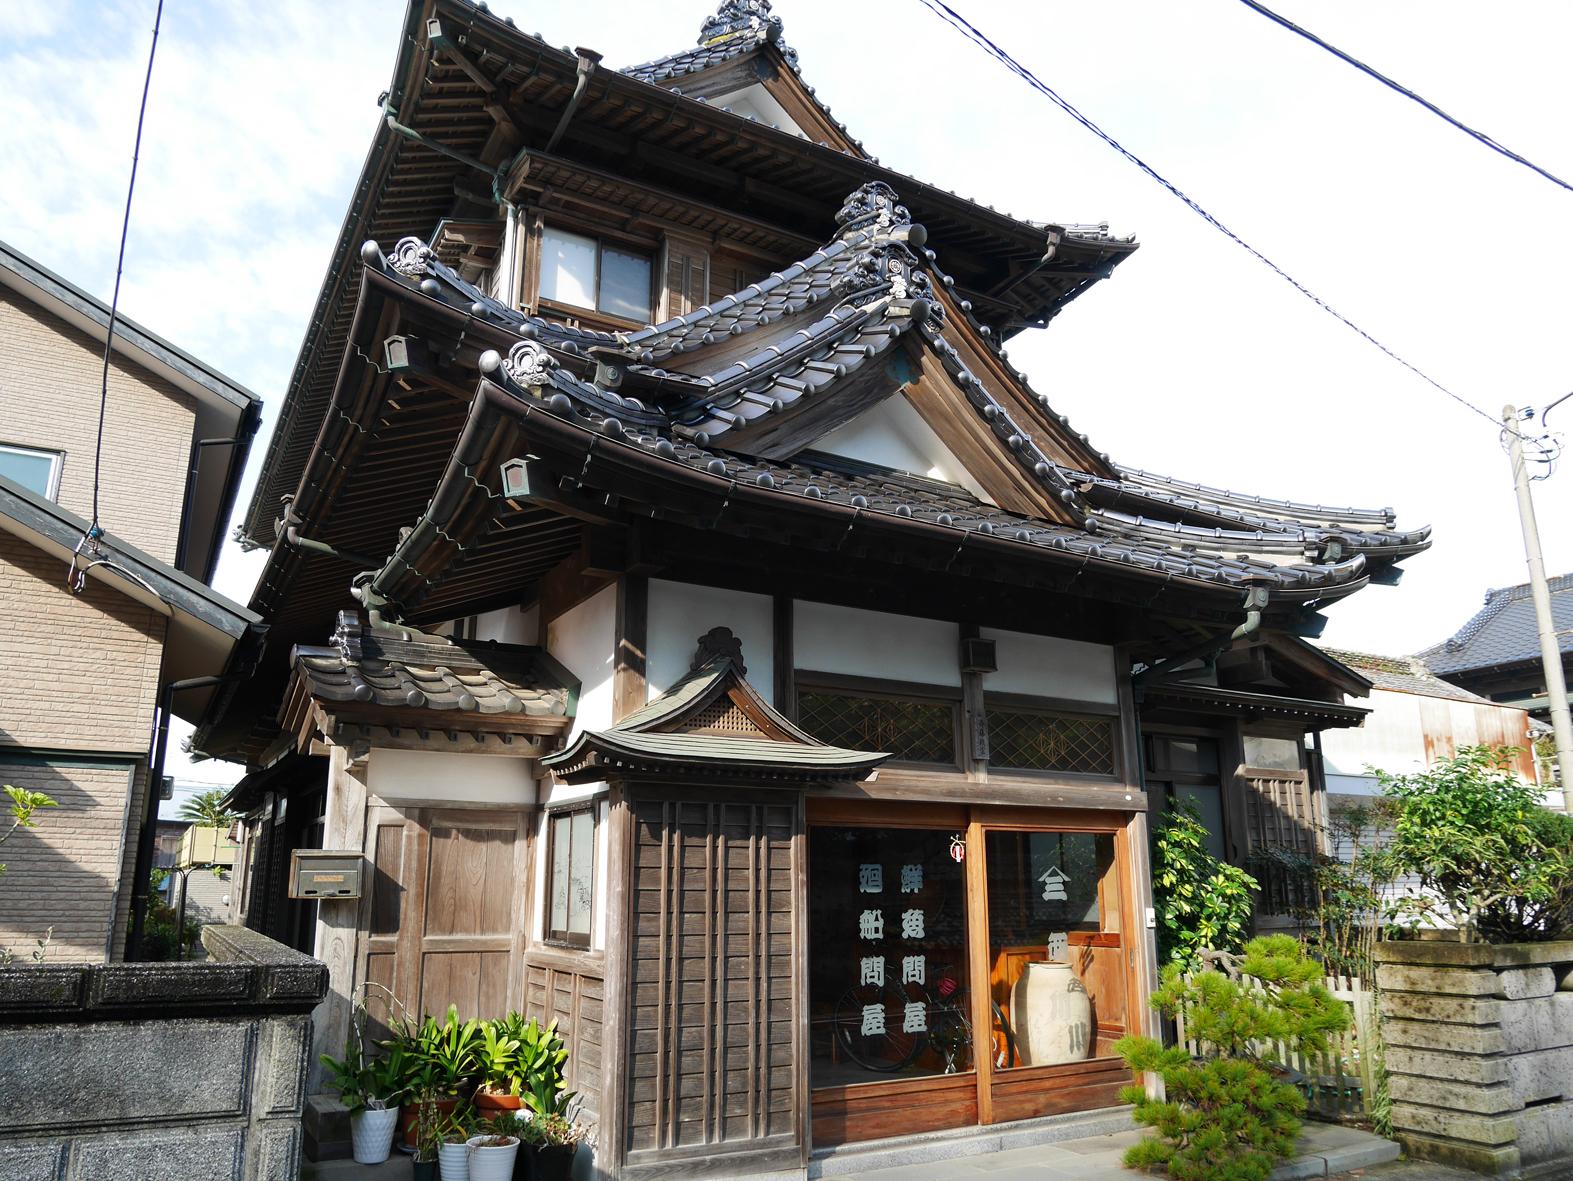 katuura_travel22.jpg